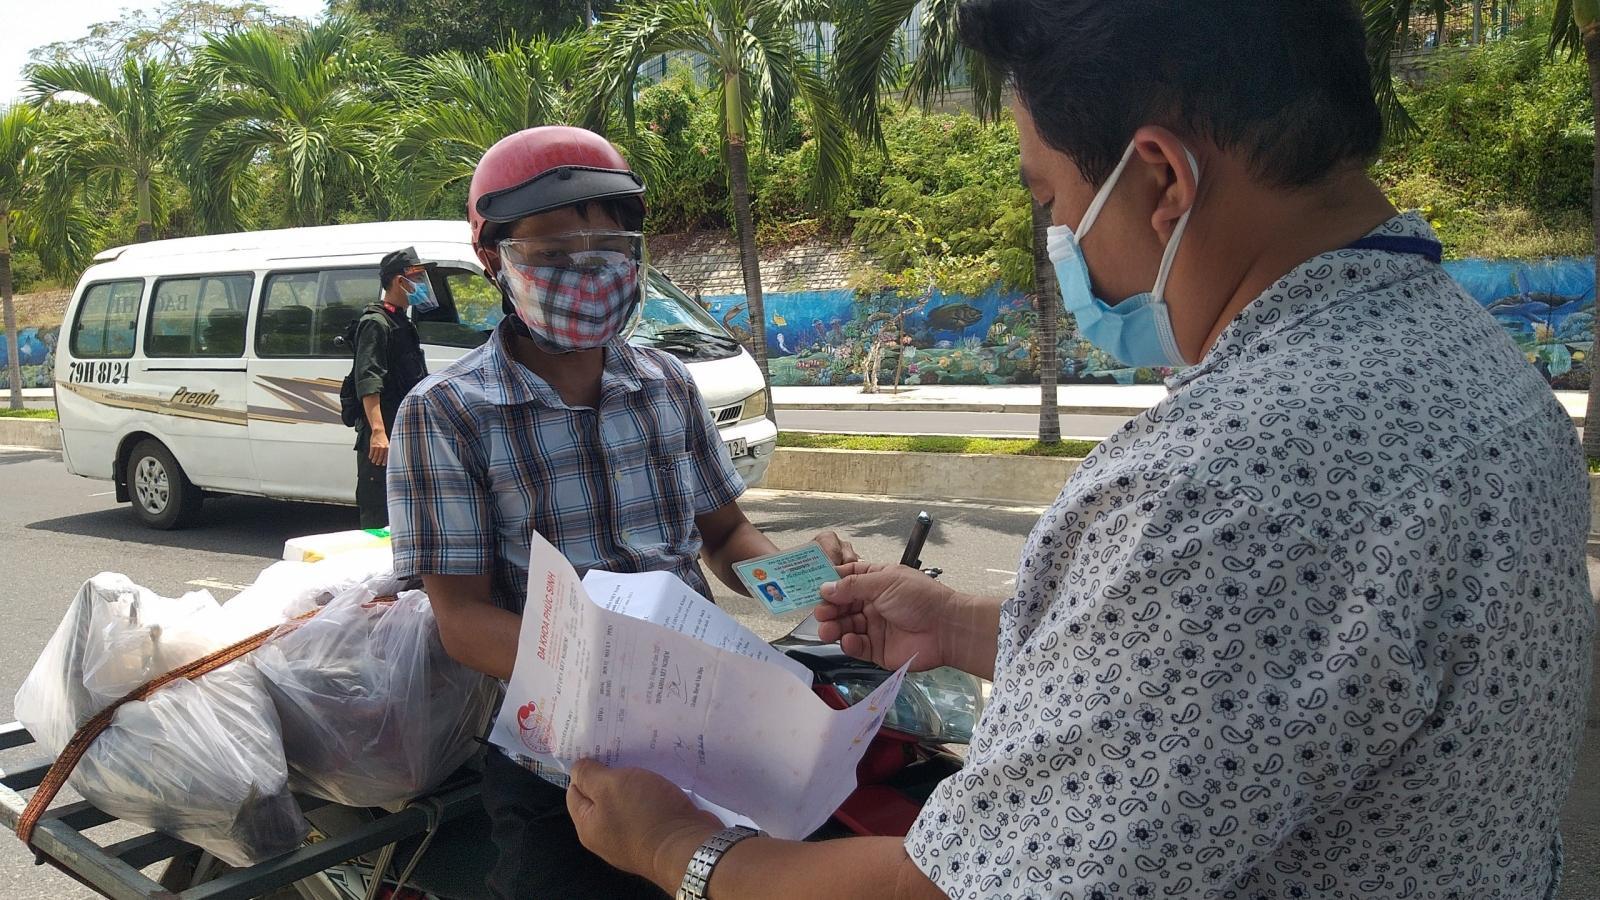 Thêm 1 huyện ở Khánh Hòa phải áp dụng Chỉ thị 16